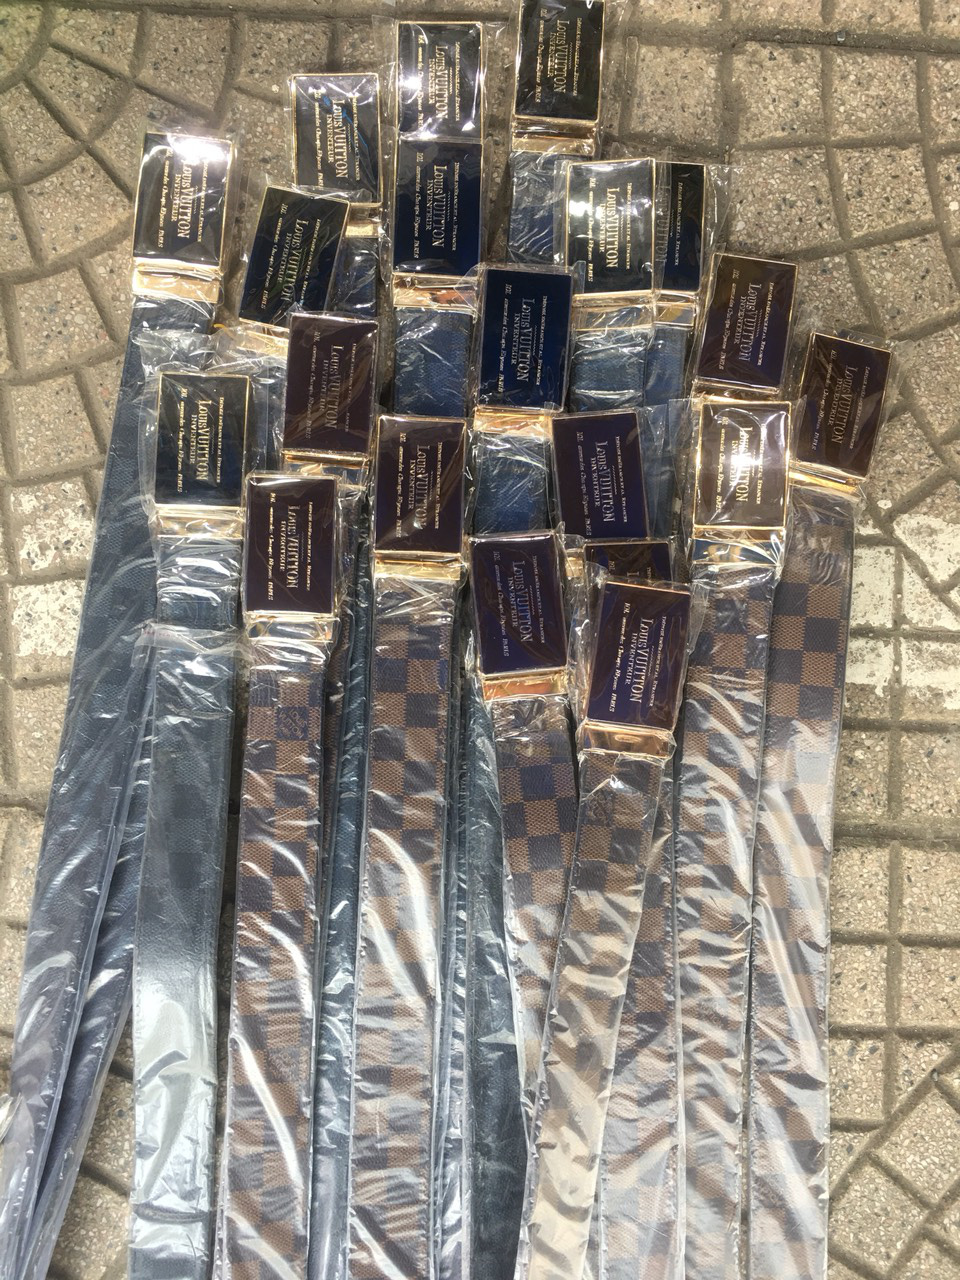 Tấn công khu Ninh Hiệp thu giữ gần 4.700 sản phẩm có dấu hiệu giả, nhái và hàng nhập lậu - Ảnh 7.